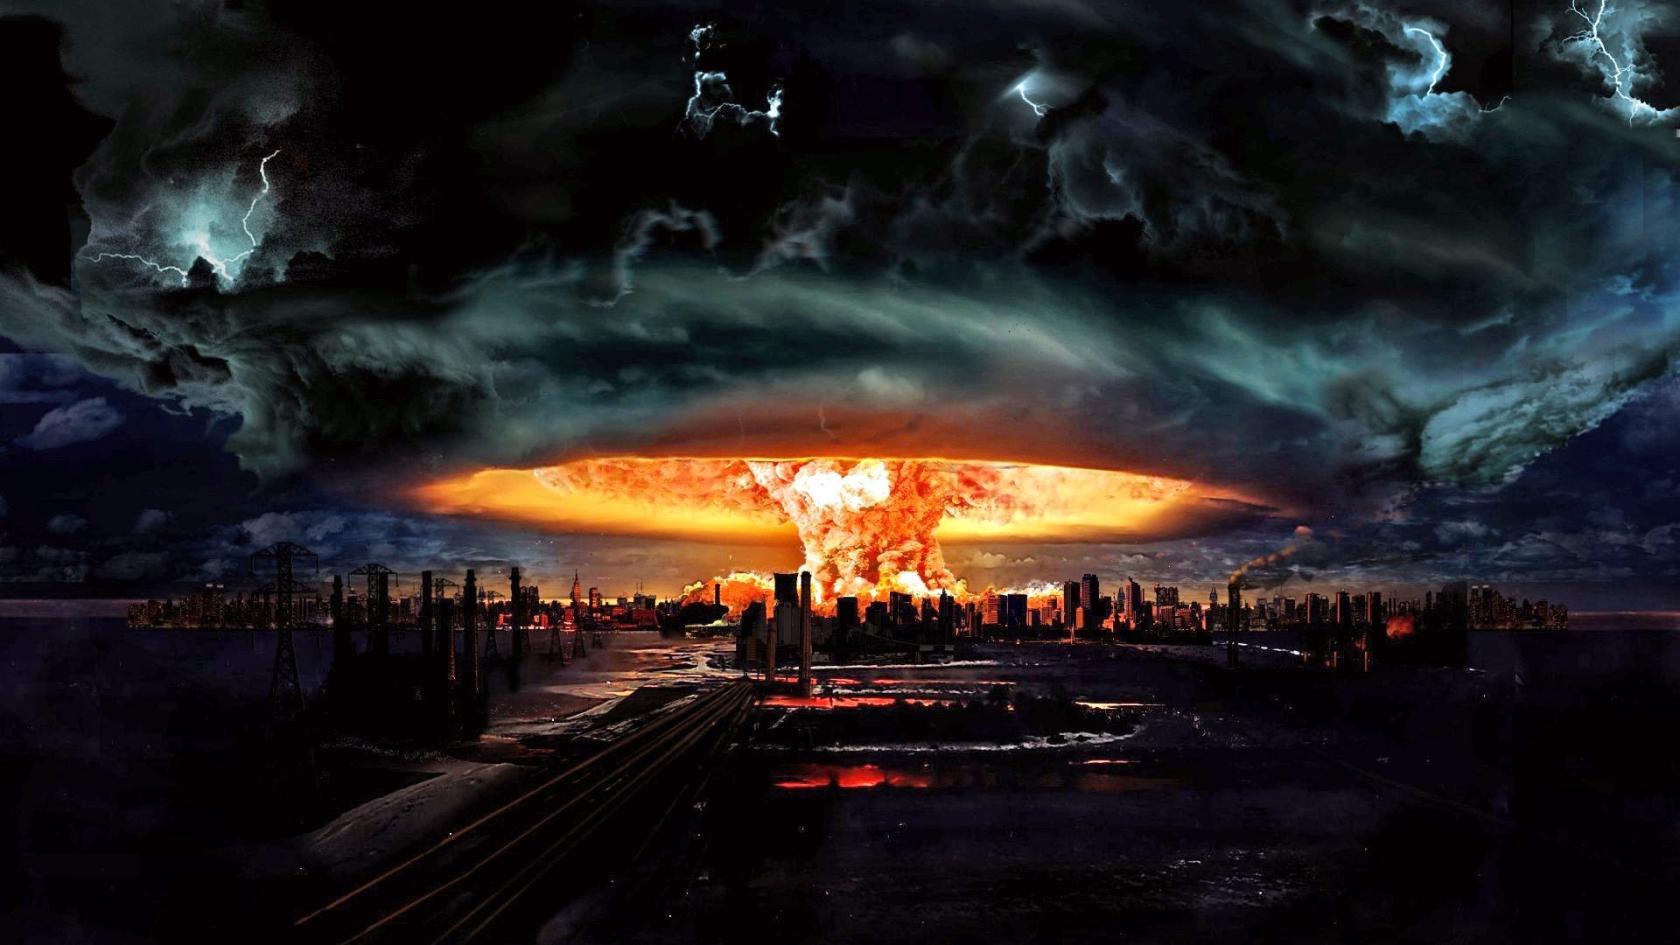 начало 3 мировой войны